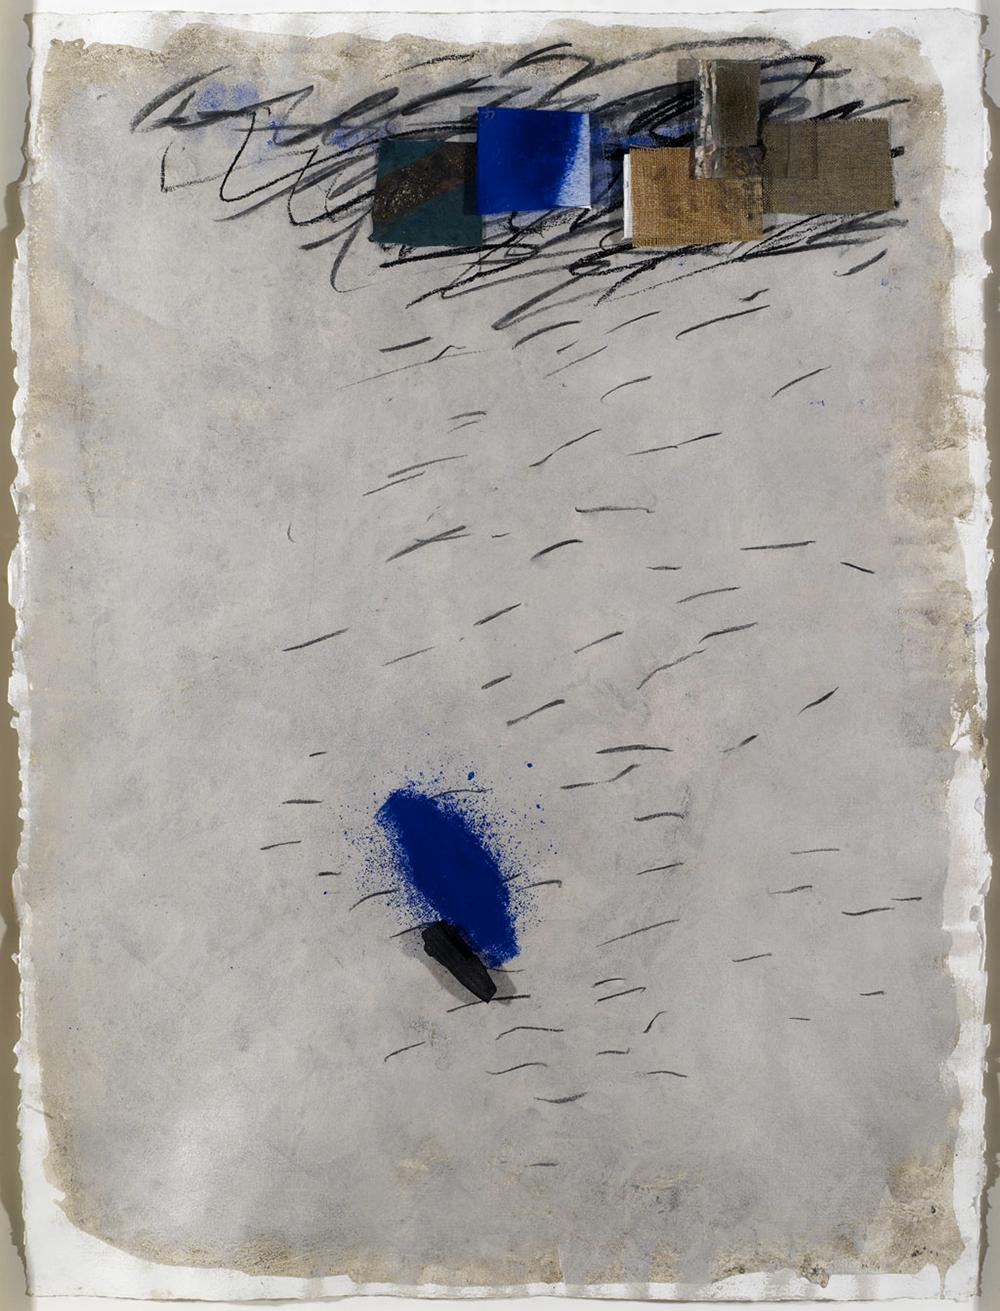 Senza titolo, 2005, tecnica mista su carta, cm 76x56